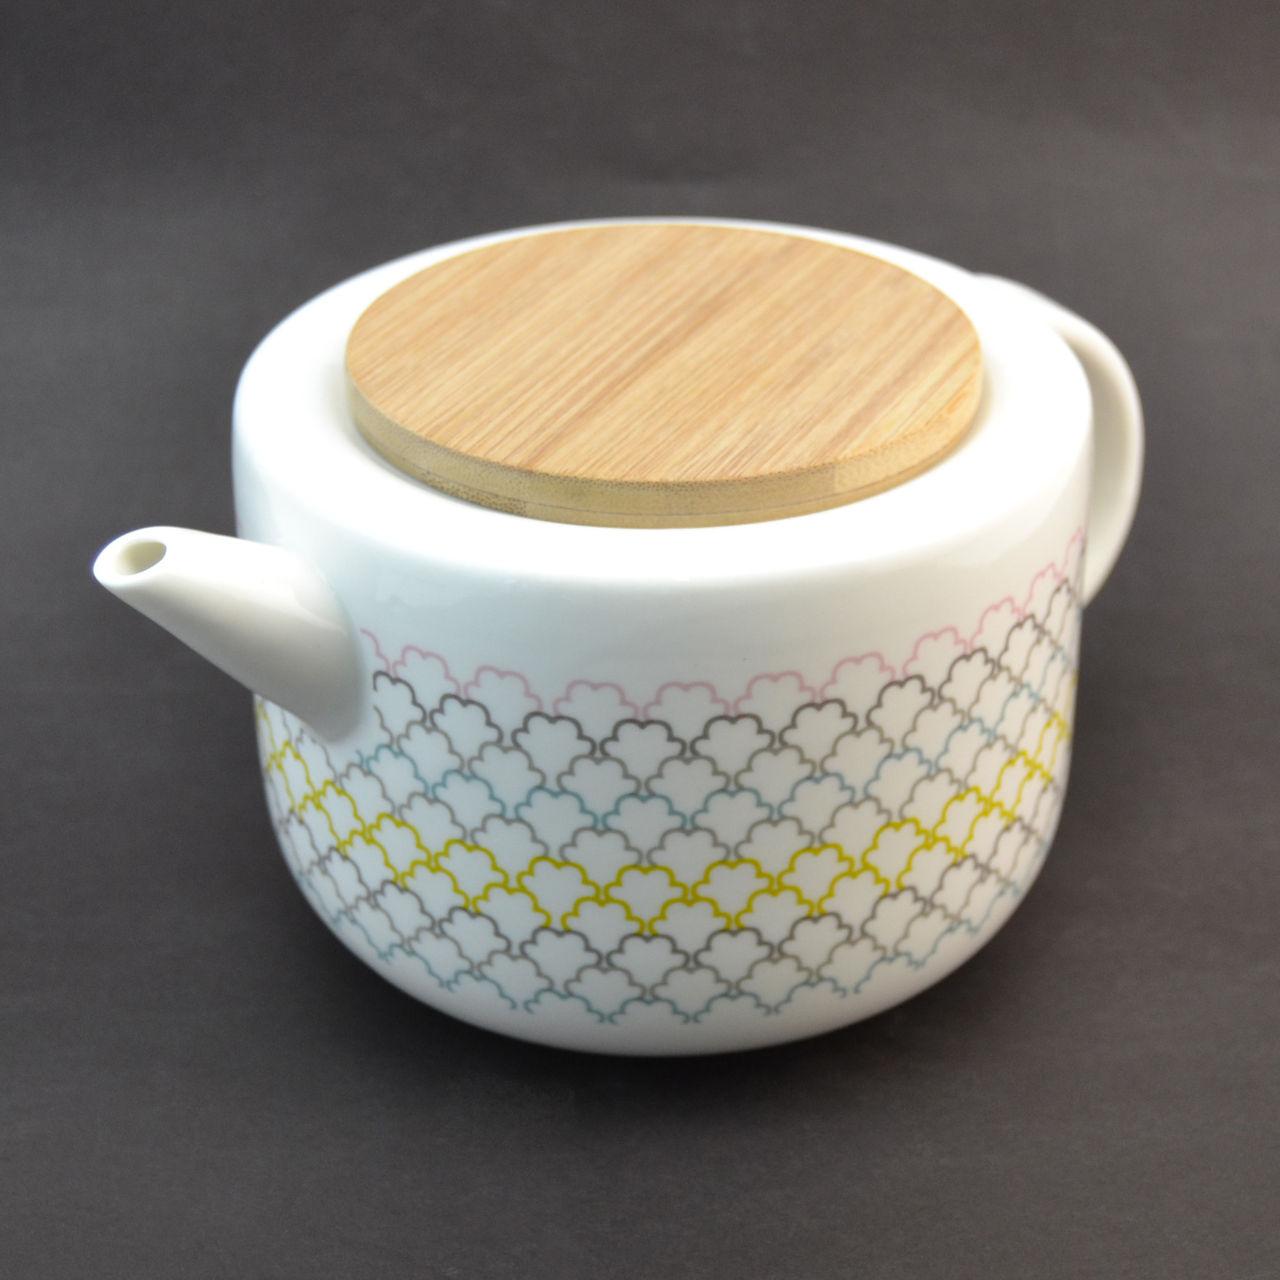 boutique la maison cuisine vaisselle et accessoires th i re mr mrs clynk. Black Bedroom Furniture Sets. Home Design Ideas